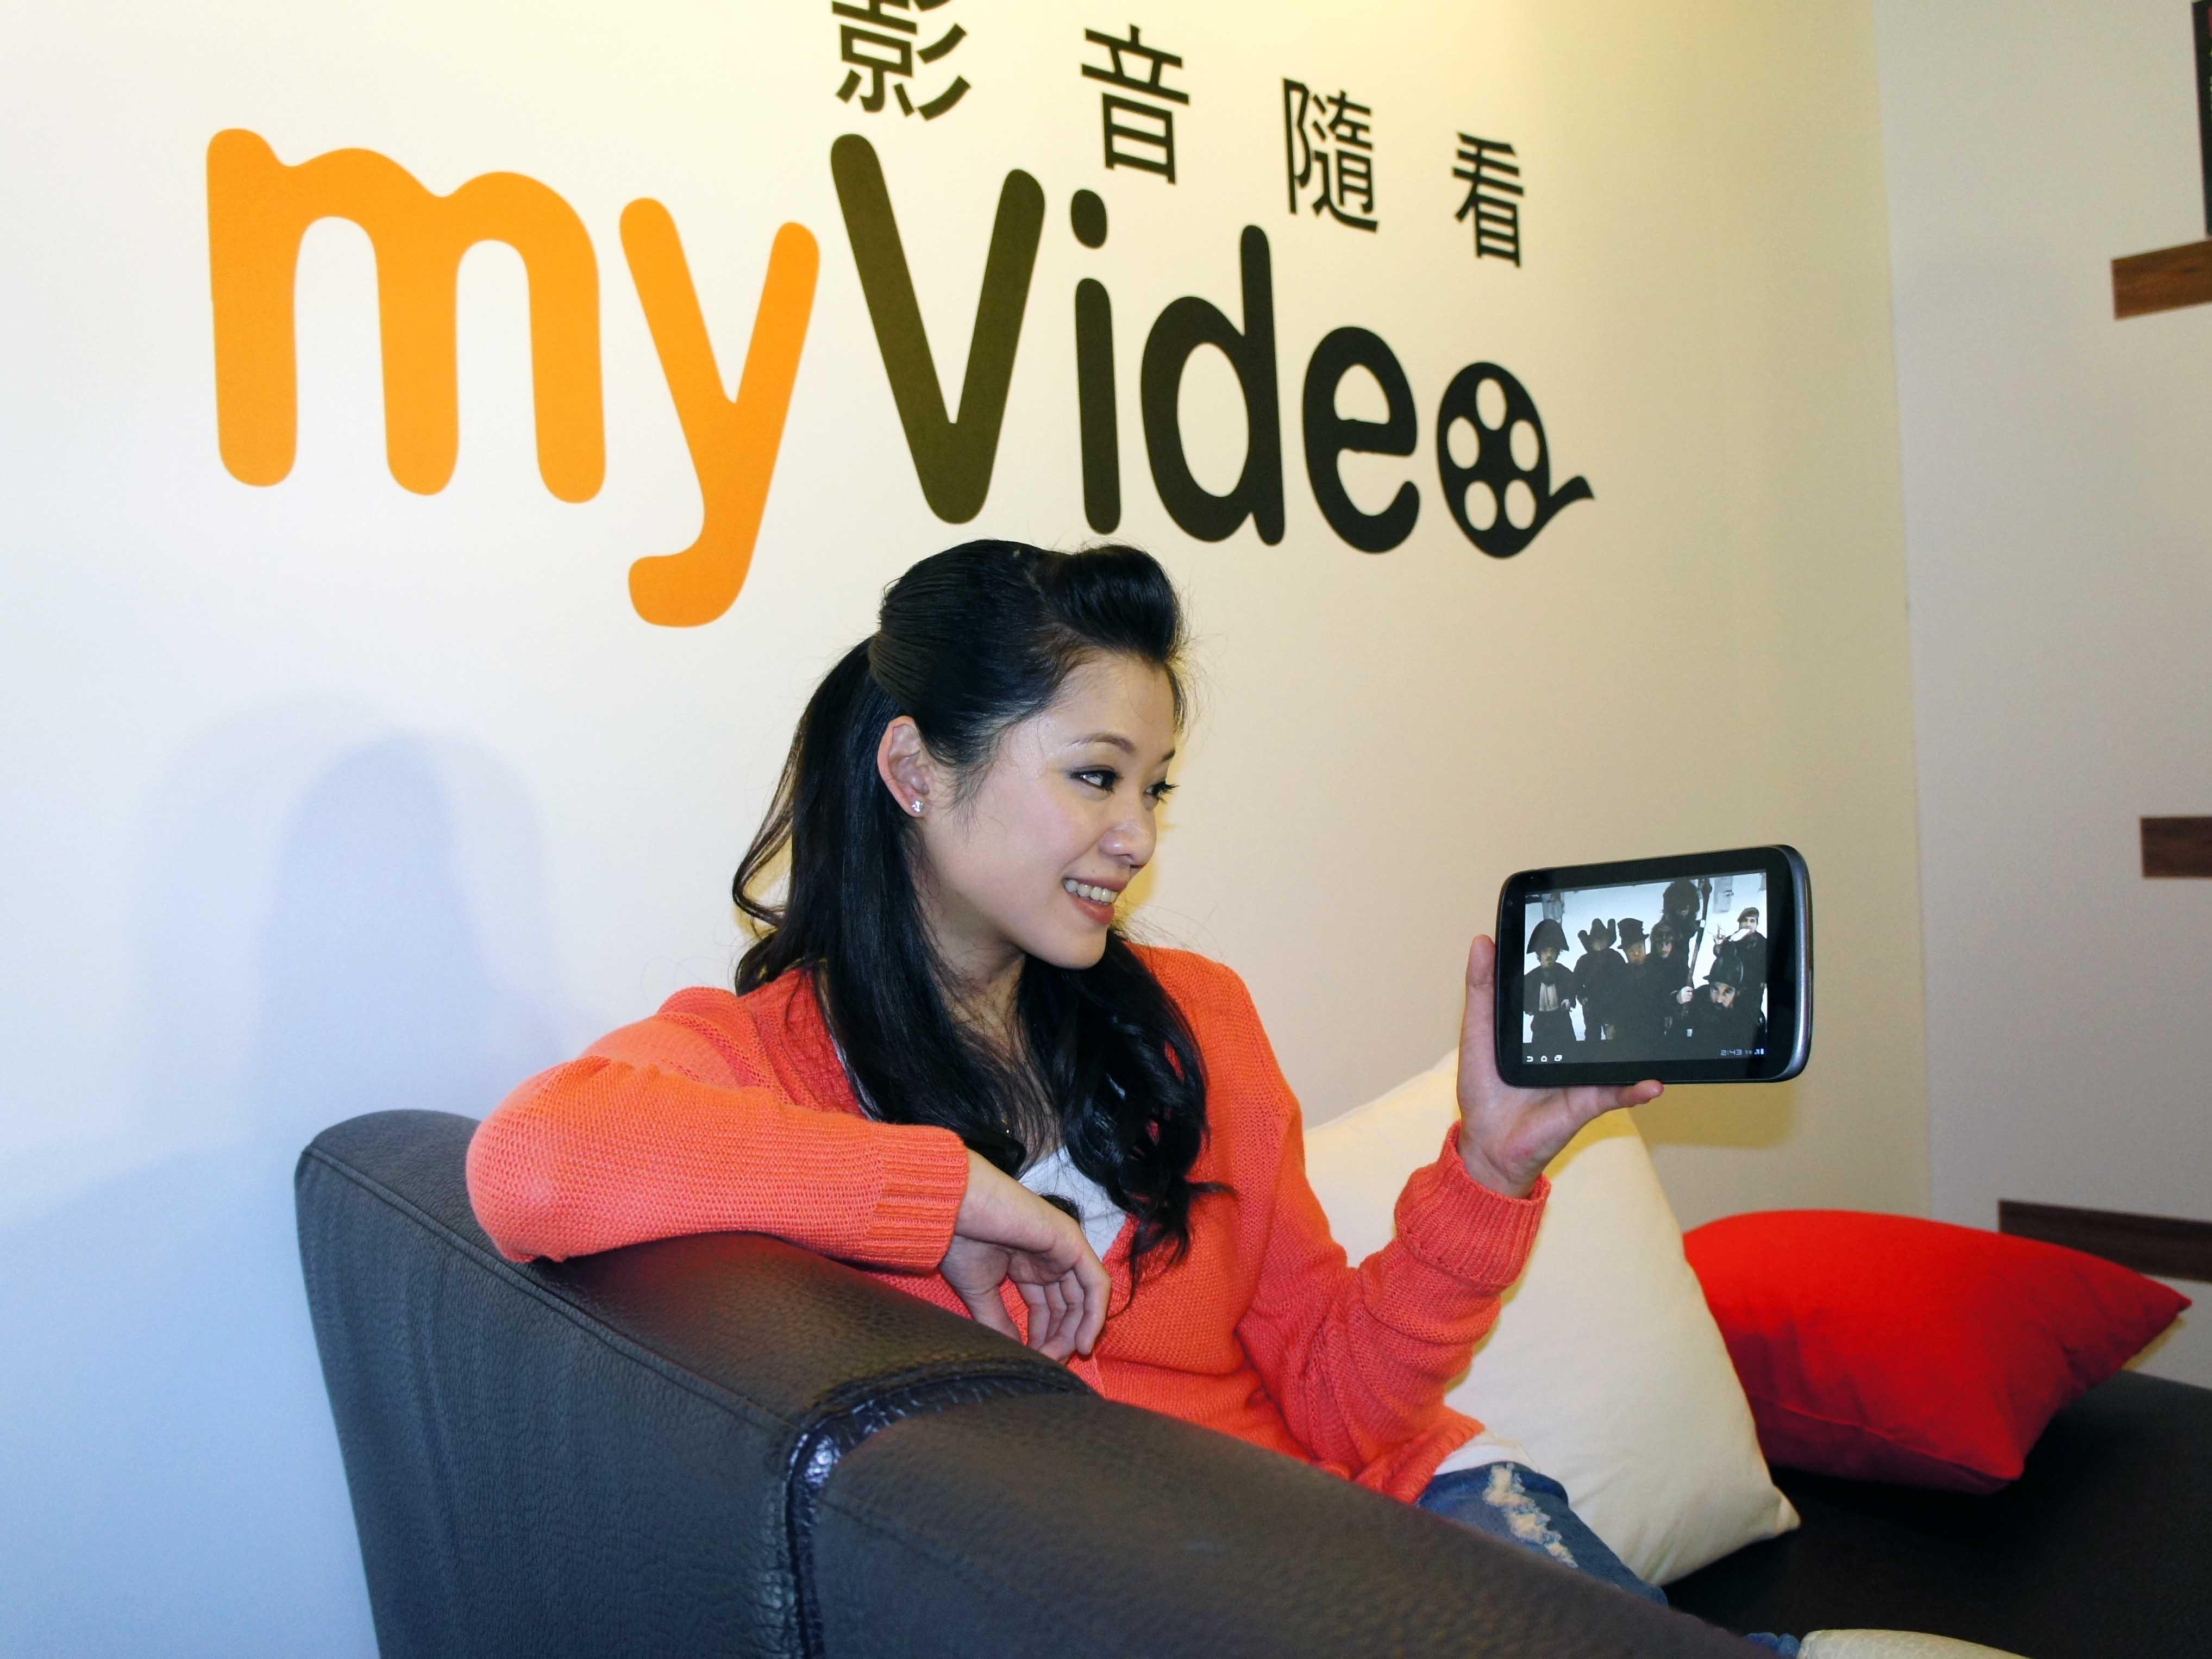 台哥大發表線上租片平台 MyVideo,租片39元起、手機 App 還能當遙控器